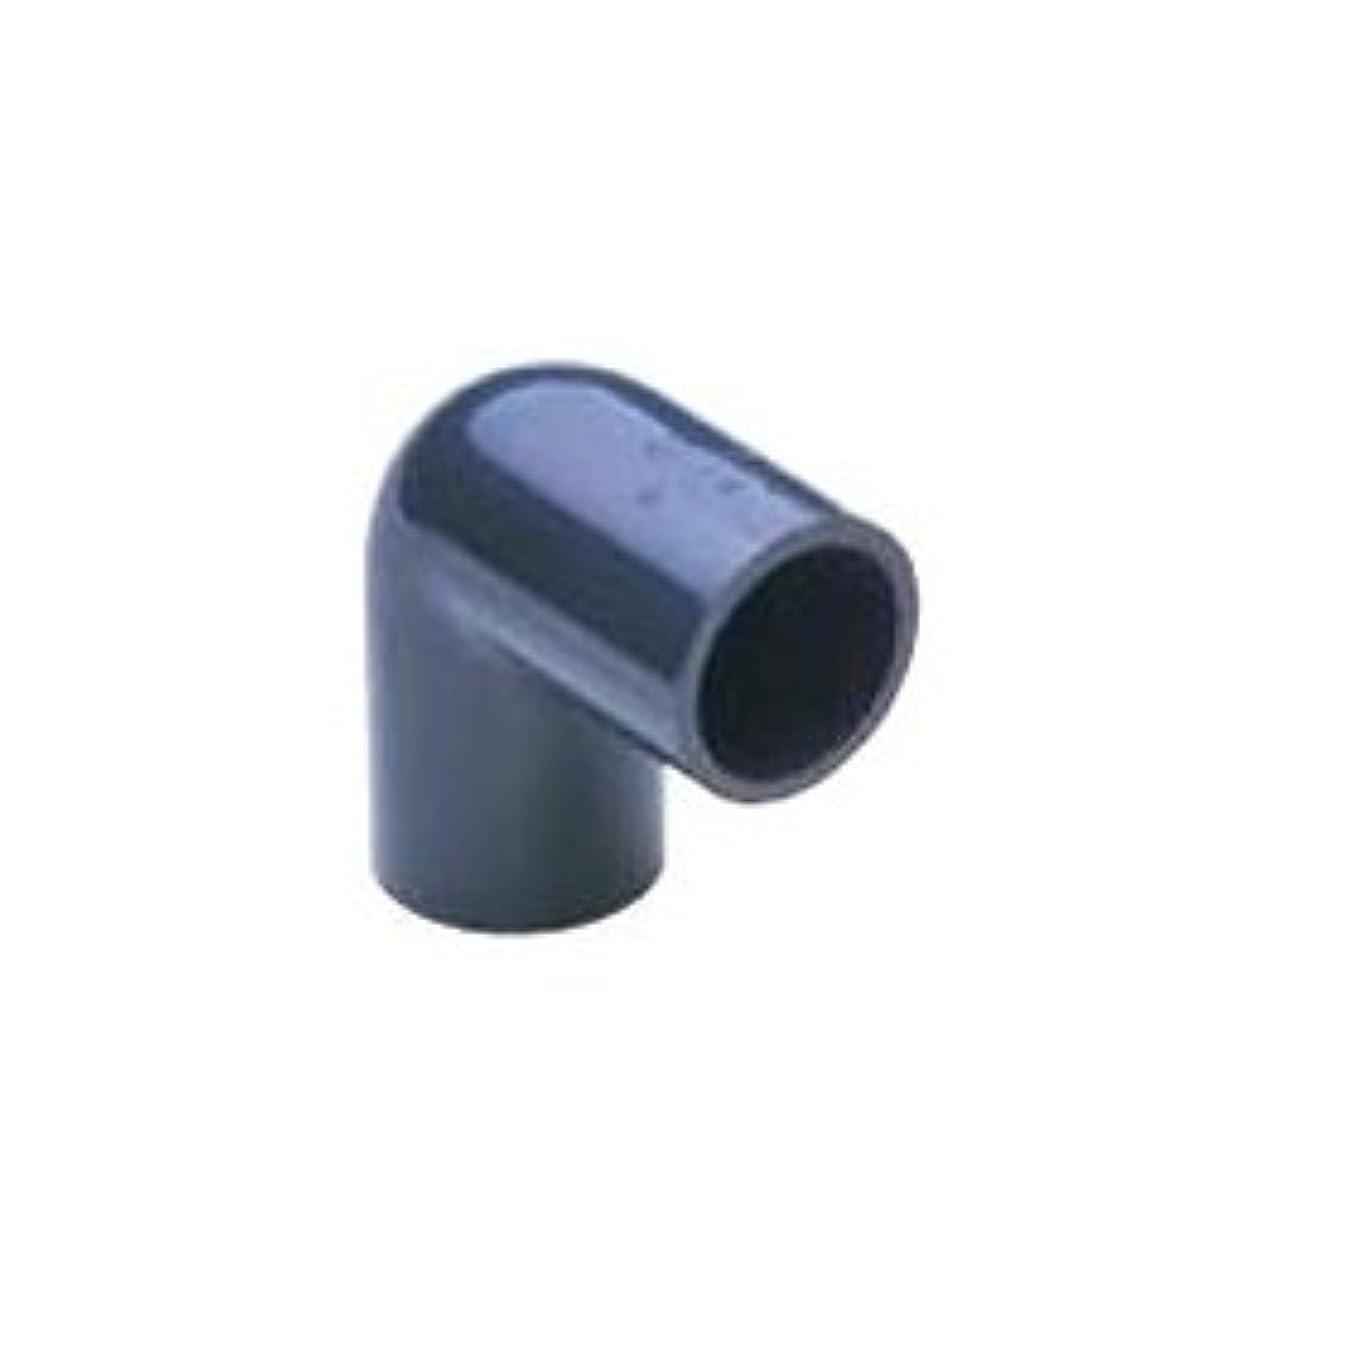 一節ねじれ正確な旭有機材 エルボ 20A AVUP-L20 塩ビ継手